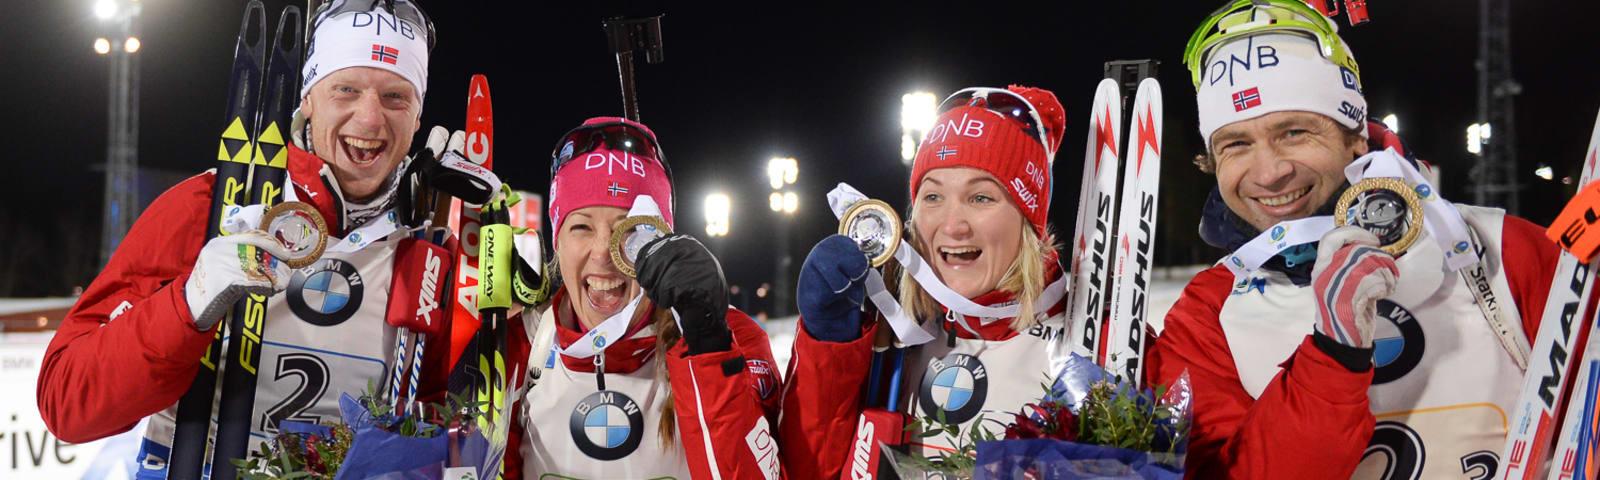 0,3 секунды до бронзы: сборная России осталась без медалей в смешанной эстафете